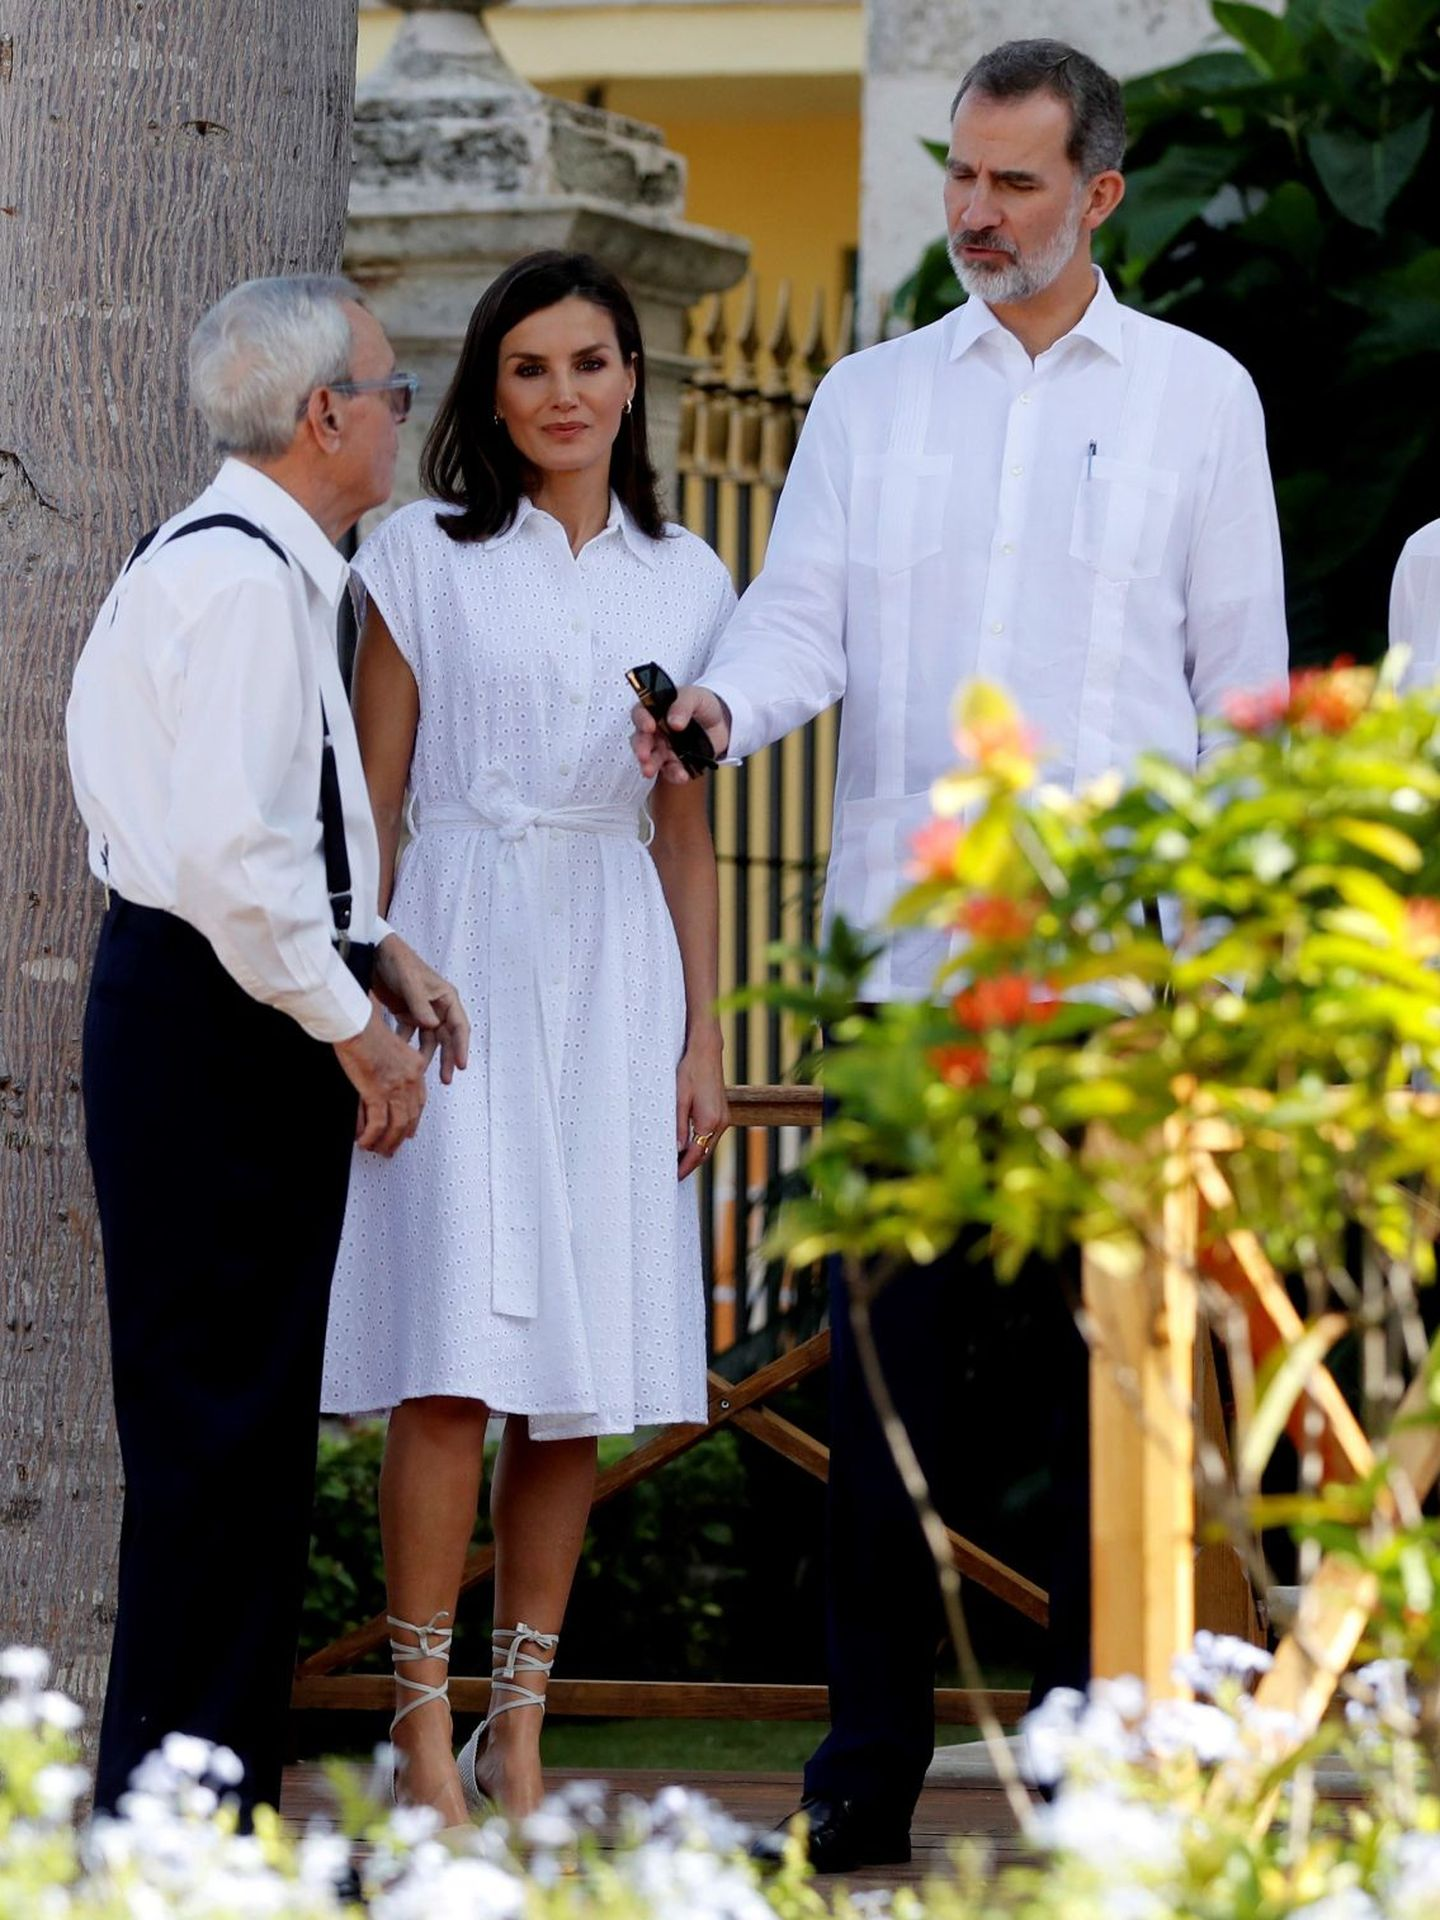 La reina Letizia y el rey Felipe, junto al historiador Eusebio Leal en su visita oficial de tres días a Cuba. (EFE)